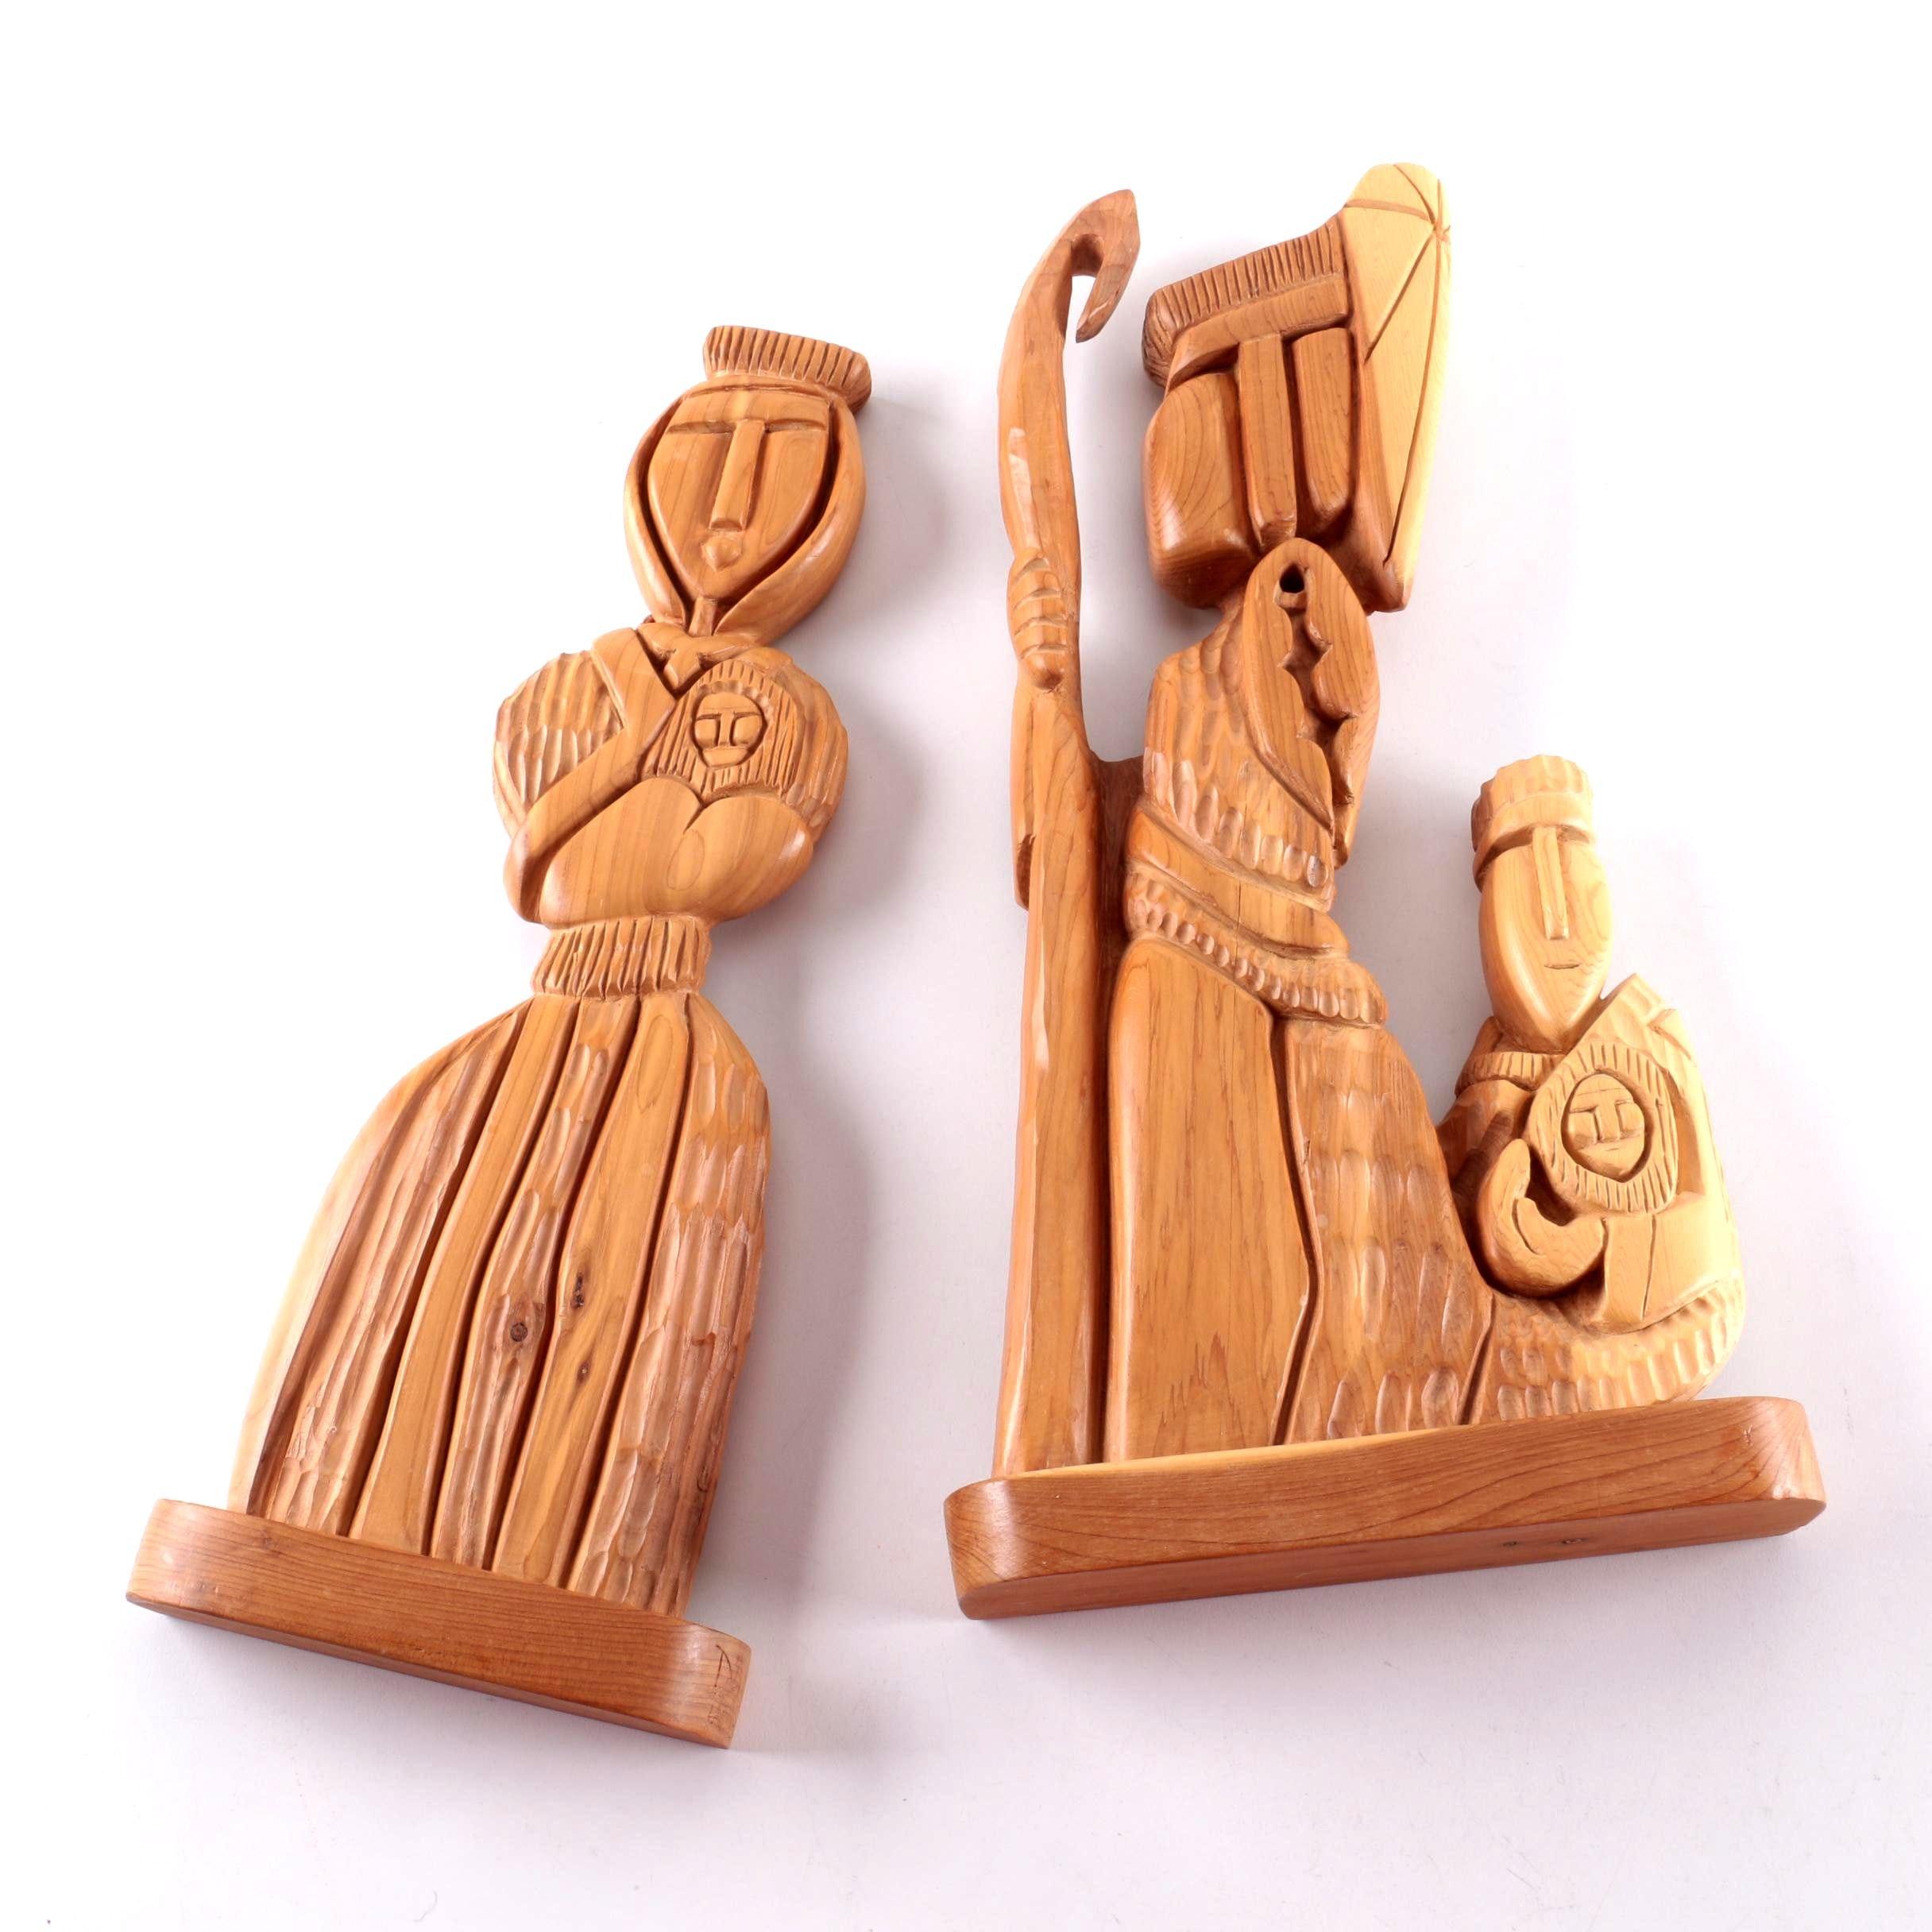 Pair of Dan Rael Carved Wooden Figures